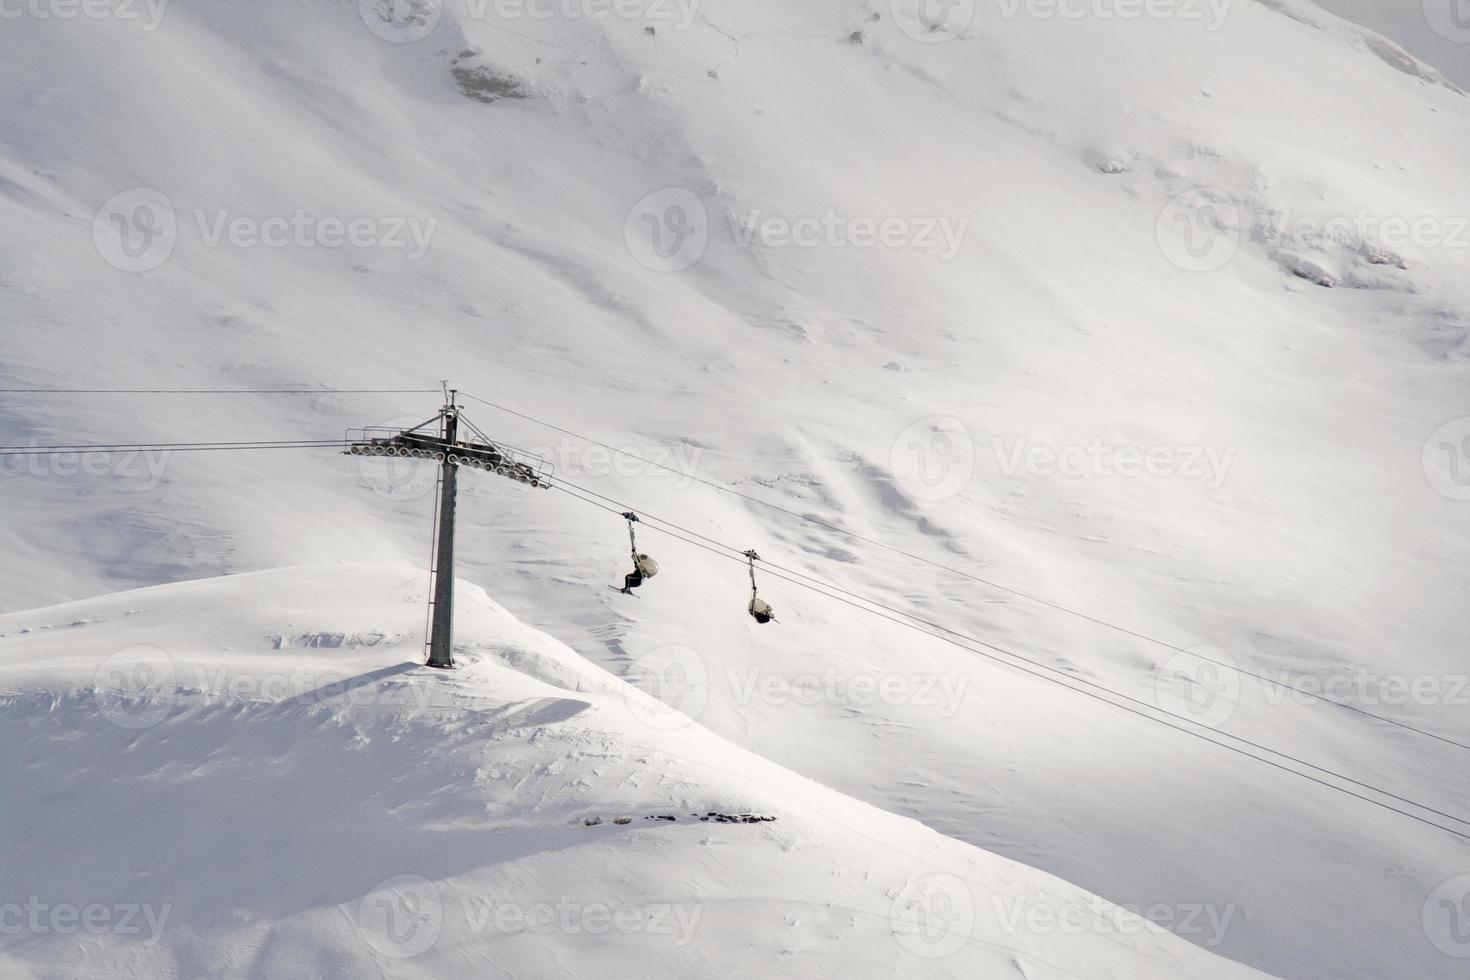 teleférico com esquiadores na Suíça, inverno. foto